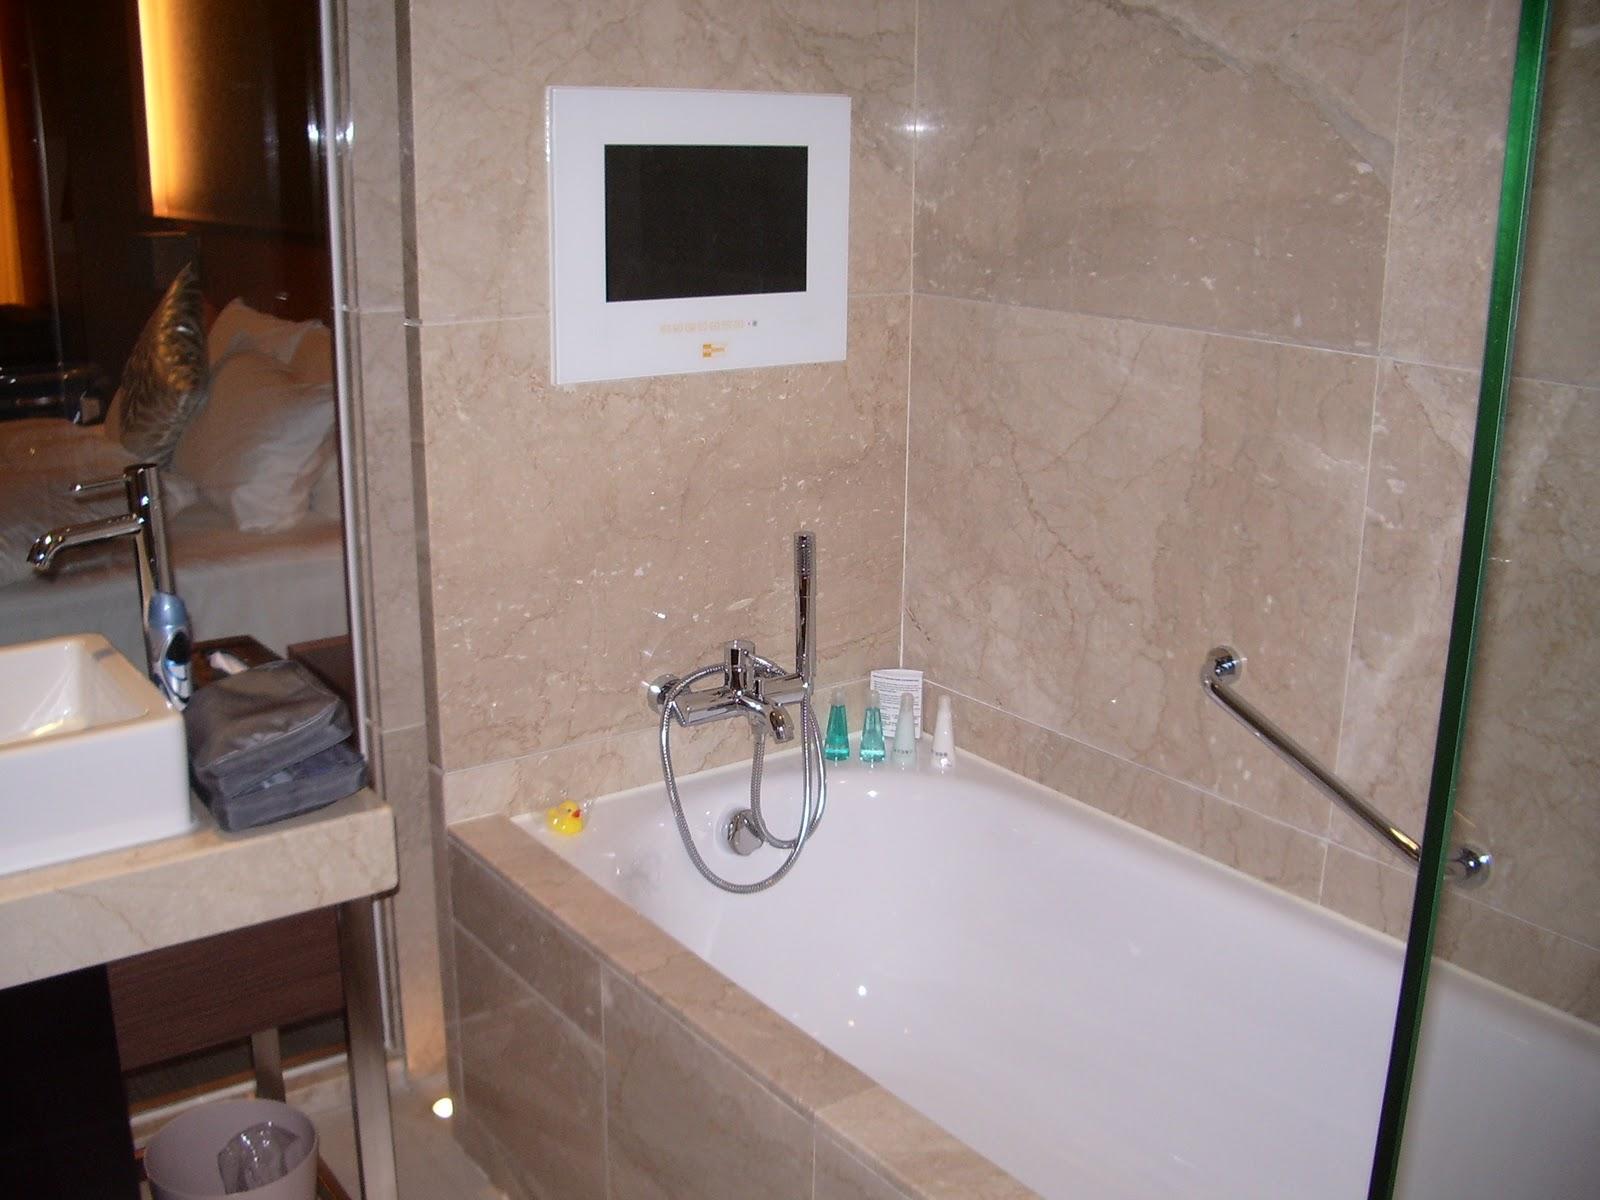 Tv dans salle de bain 28 images livraison gratuite 233 for Tv miroir salle de bain